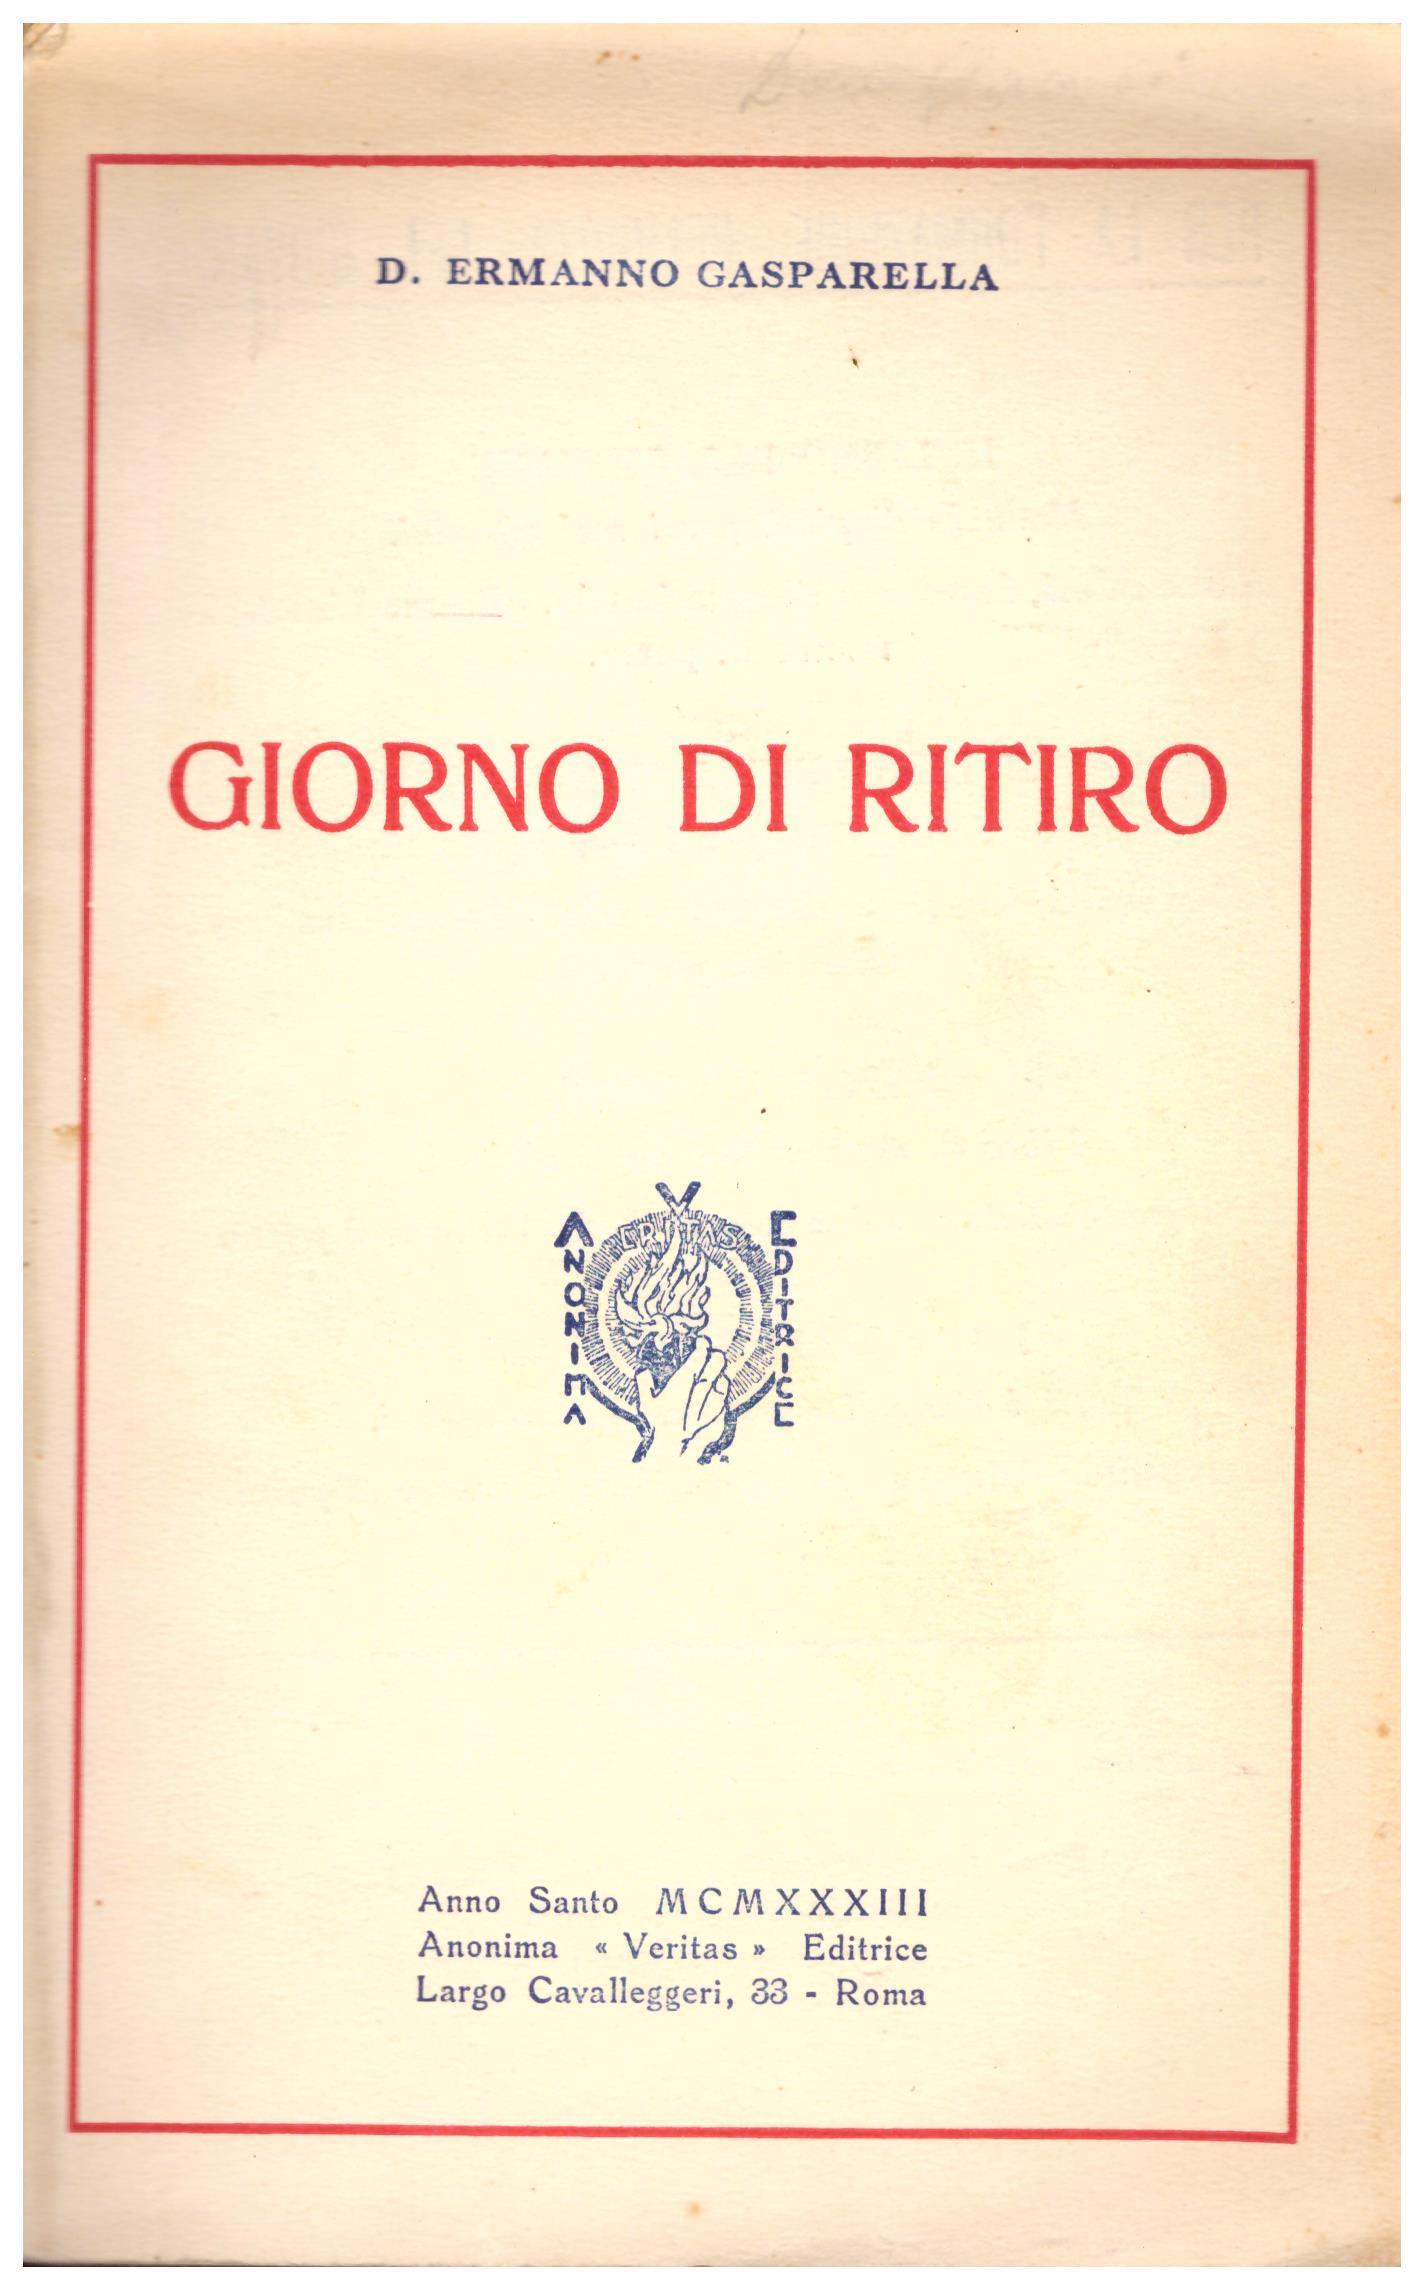 Titolo: Giorno di ritiro     Autore: D. Ermanno Gasparella    Editore: Anonima veritas editrice Roma, anno santo MCMXXXIII